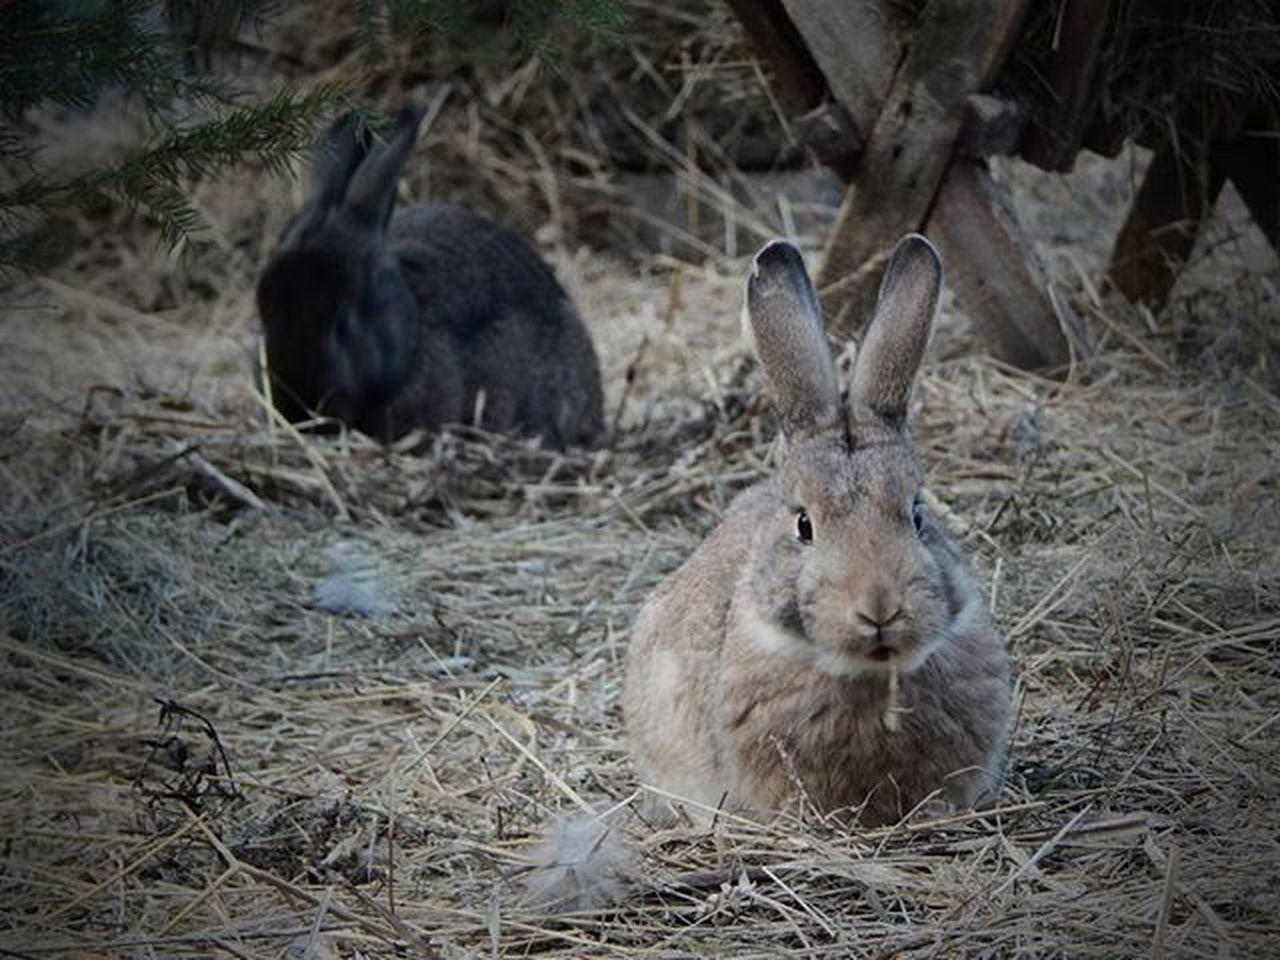 Trušu pilsētiņa Esplanādē Truši Trušupilsētiņa Esplanade Rabbit Rabbits Riga Riga Latvija Latvia